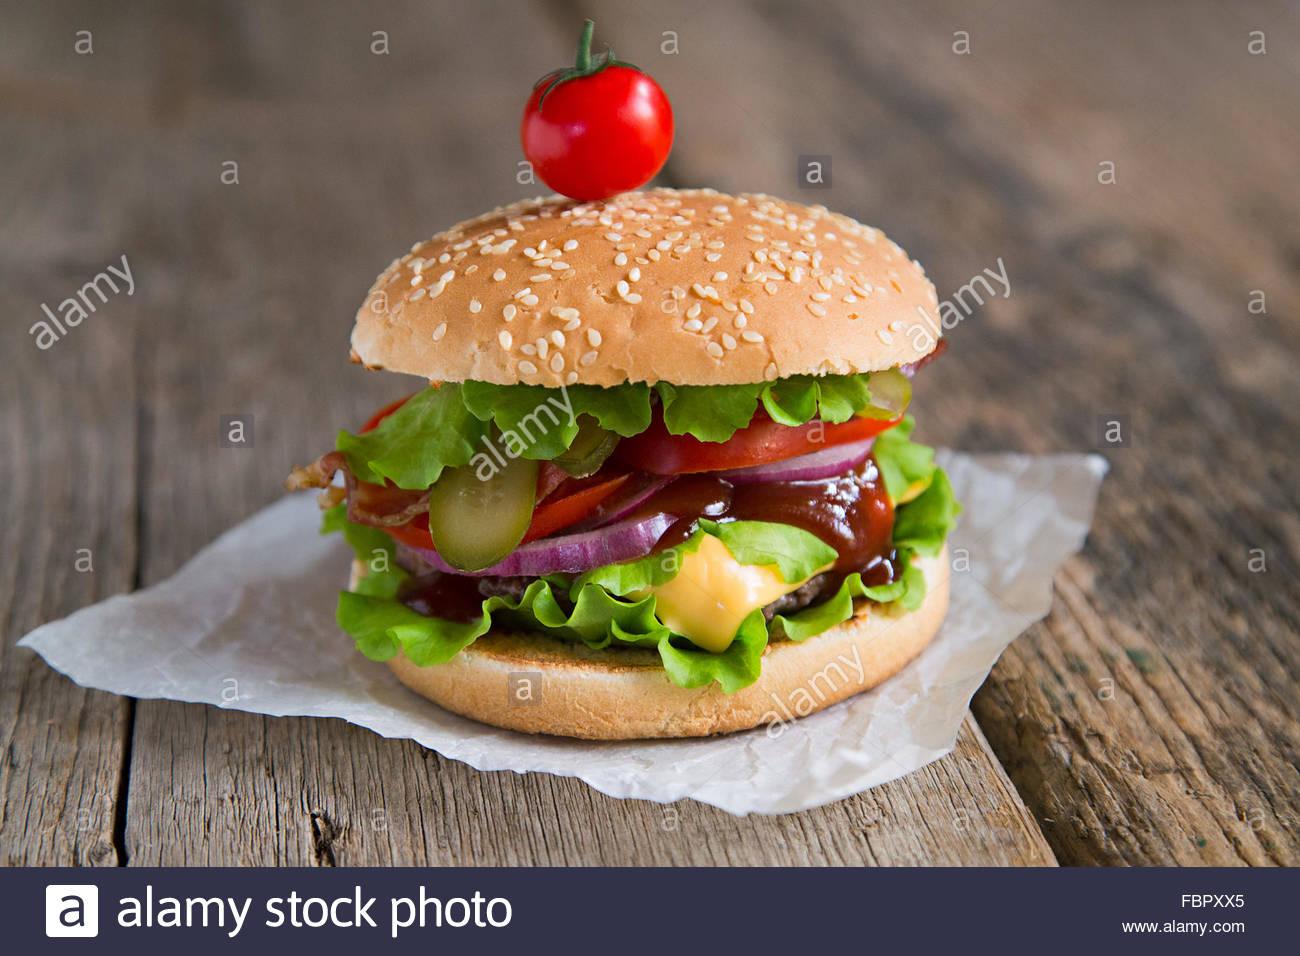 Burger mit Speck, Tomaten, Zwiebeln, Barbecue-sauce Stockbild